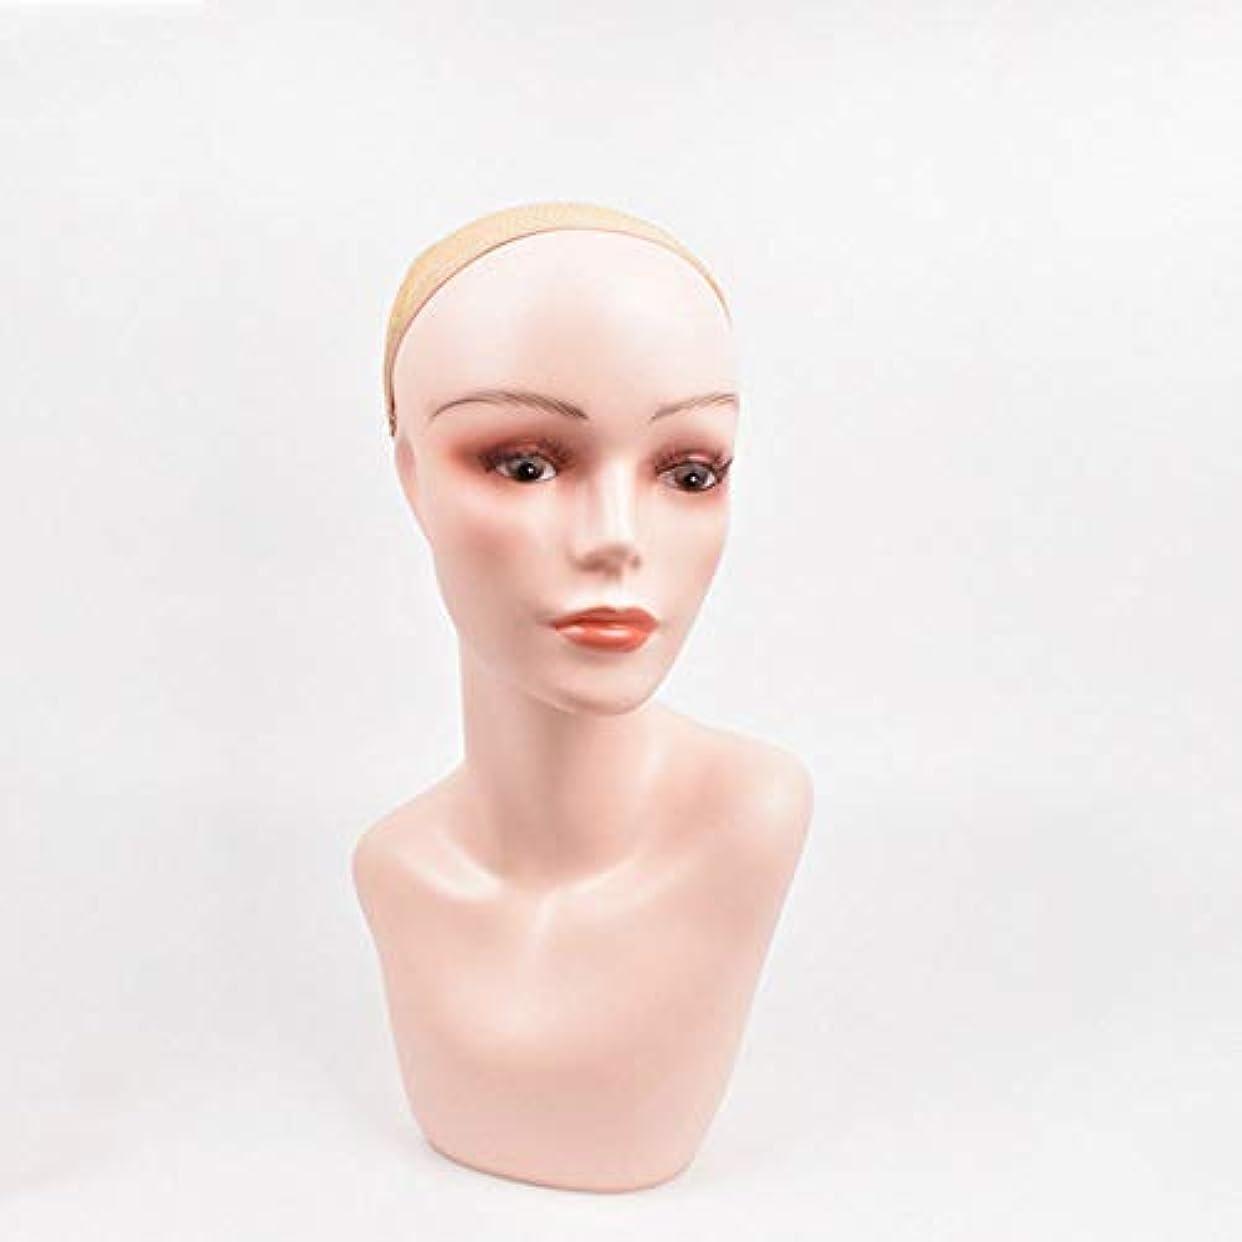 ヒップ懐疑的予想するウィッグモデルヘッドスモールショルダーディスプレイウィッグ、ヘッドモデルヘッドプロップブラケット付き